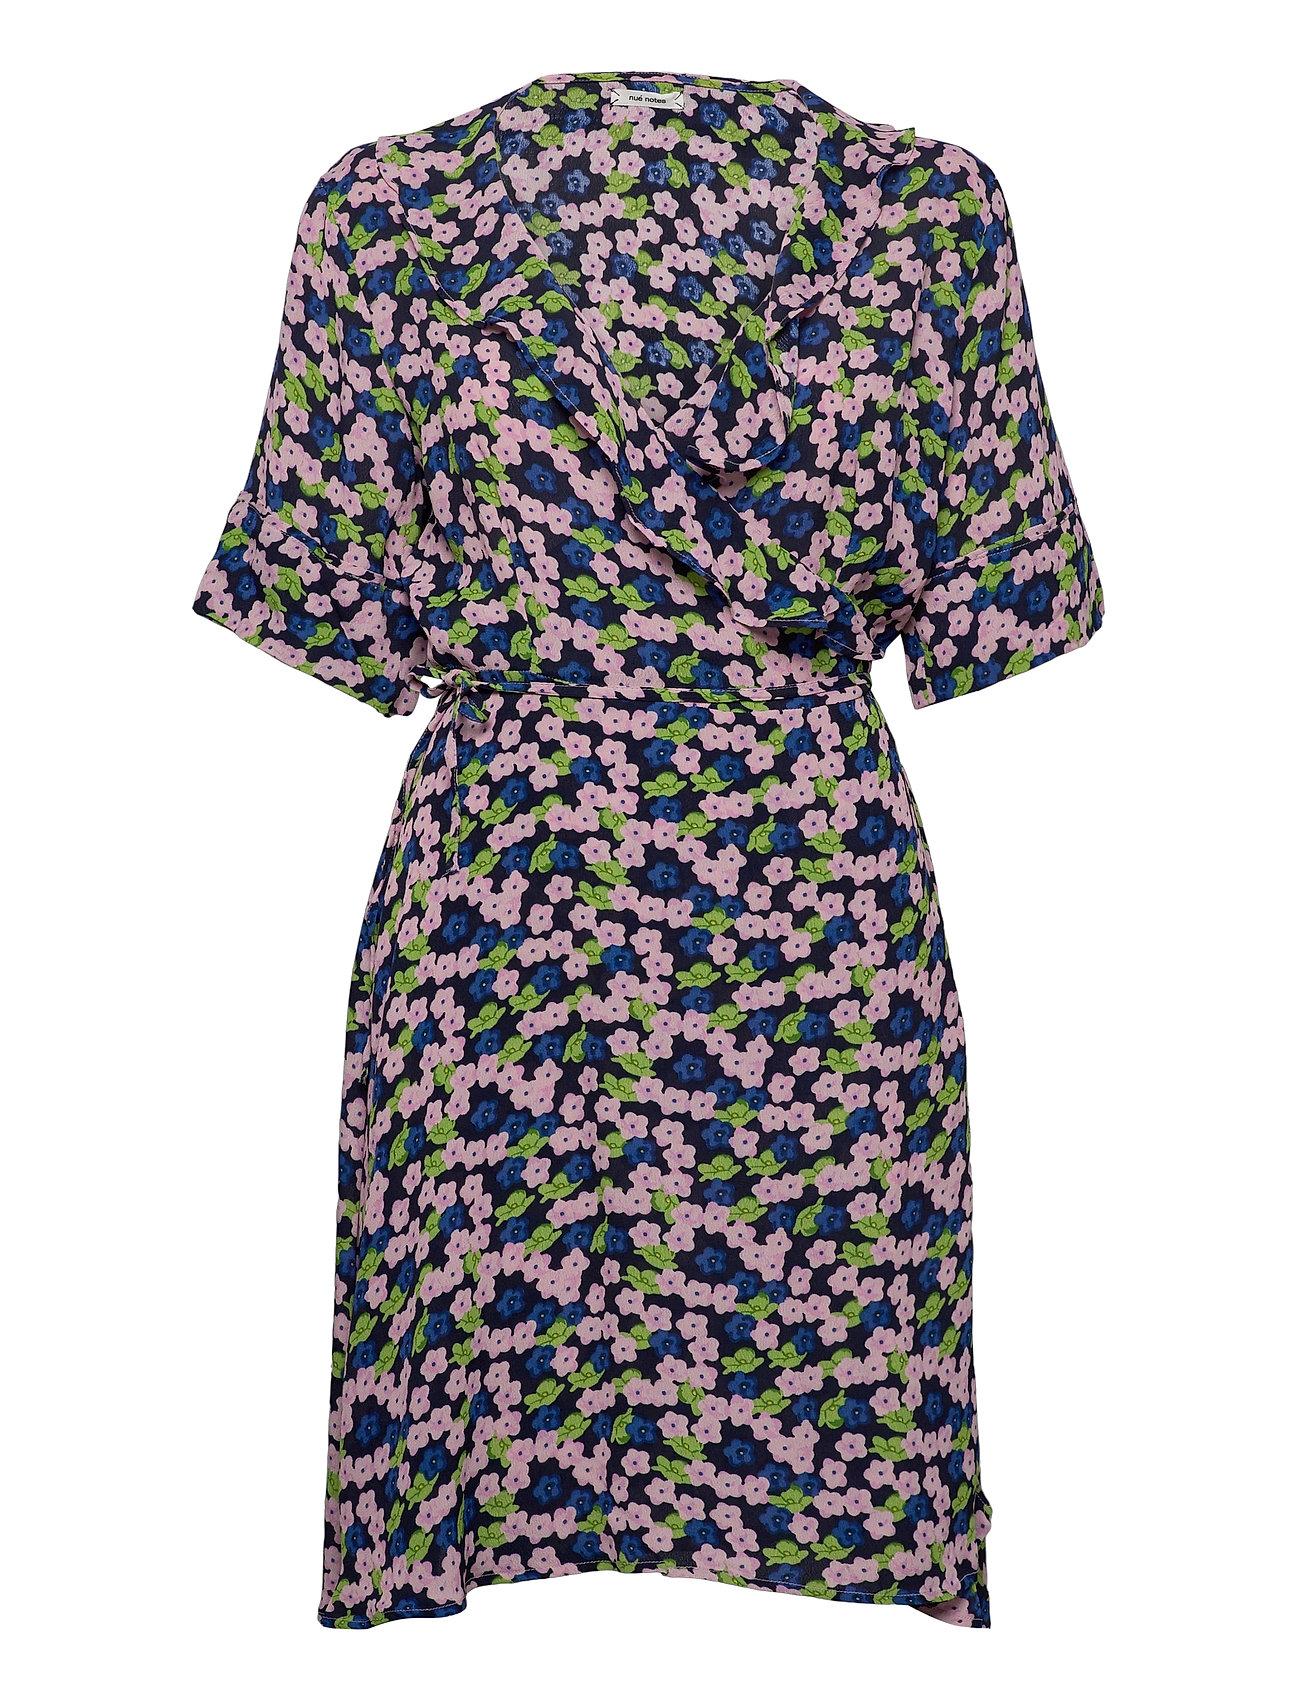 Image of Baraka Dress Dresses Wrap Dresses Multi/mønstret Nué Notes (3549460201)